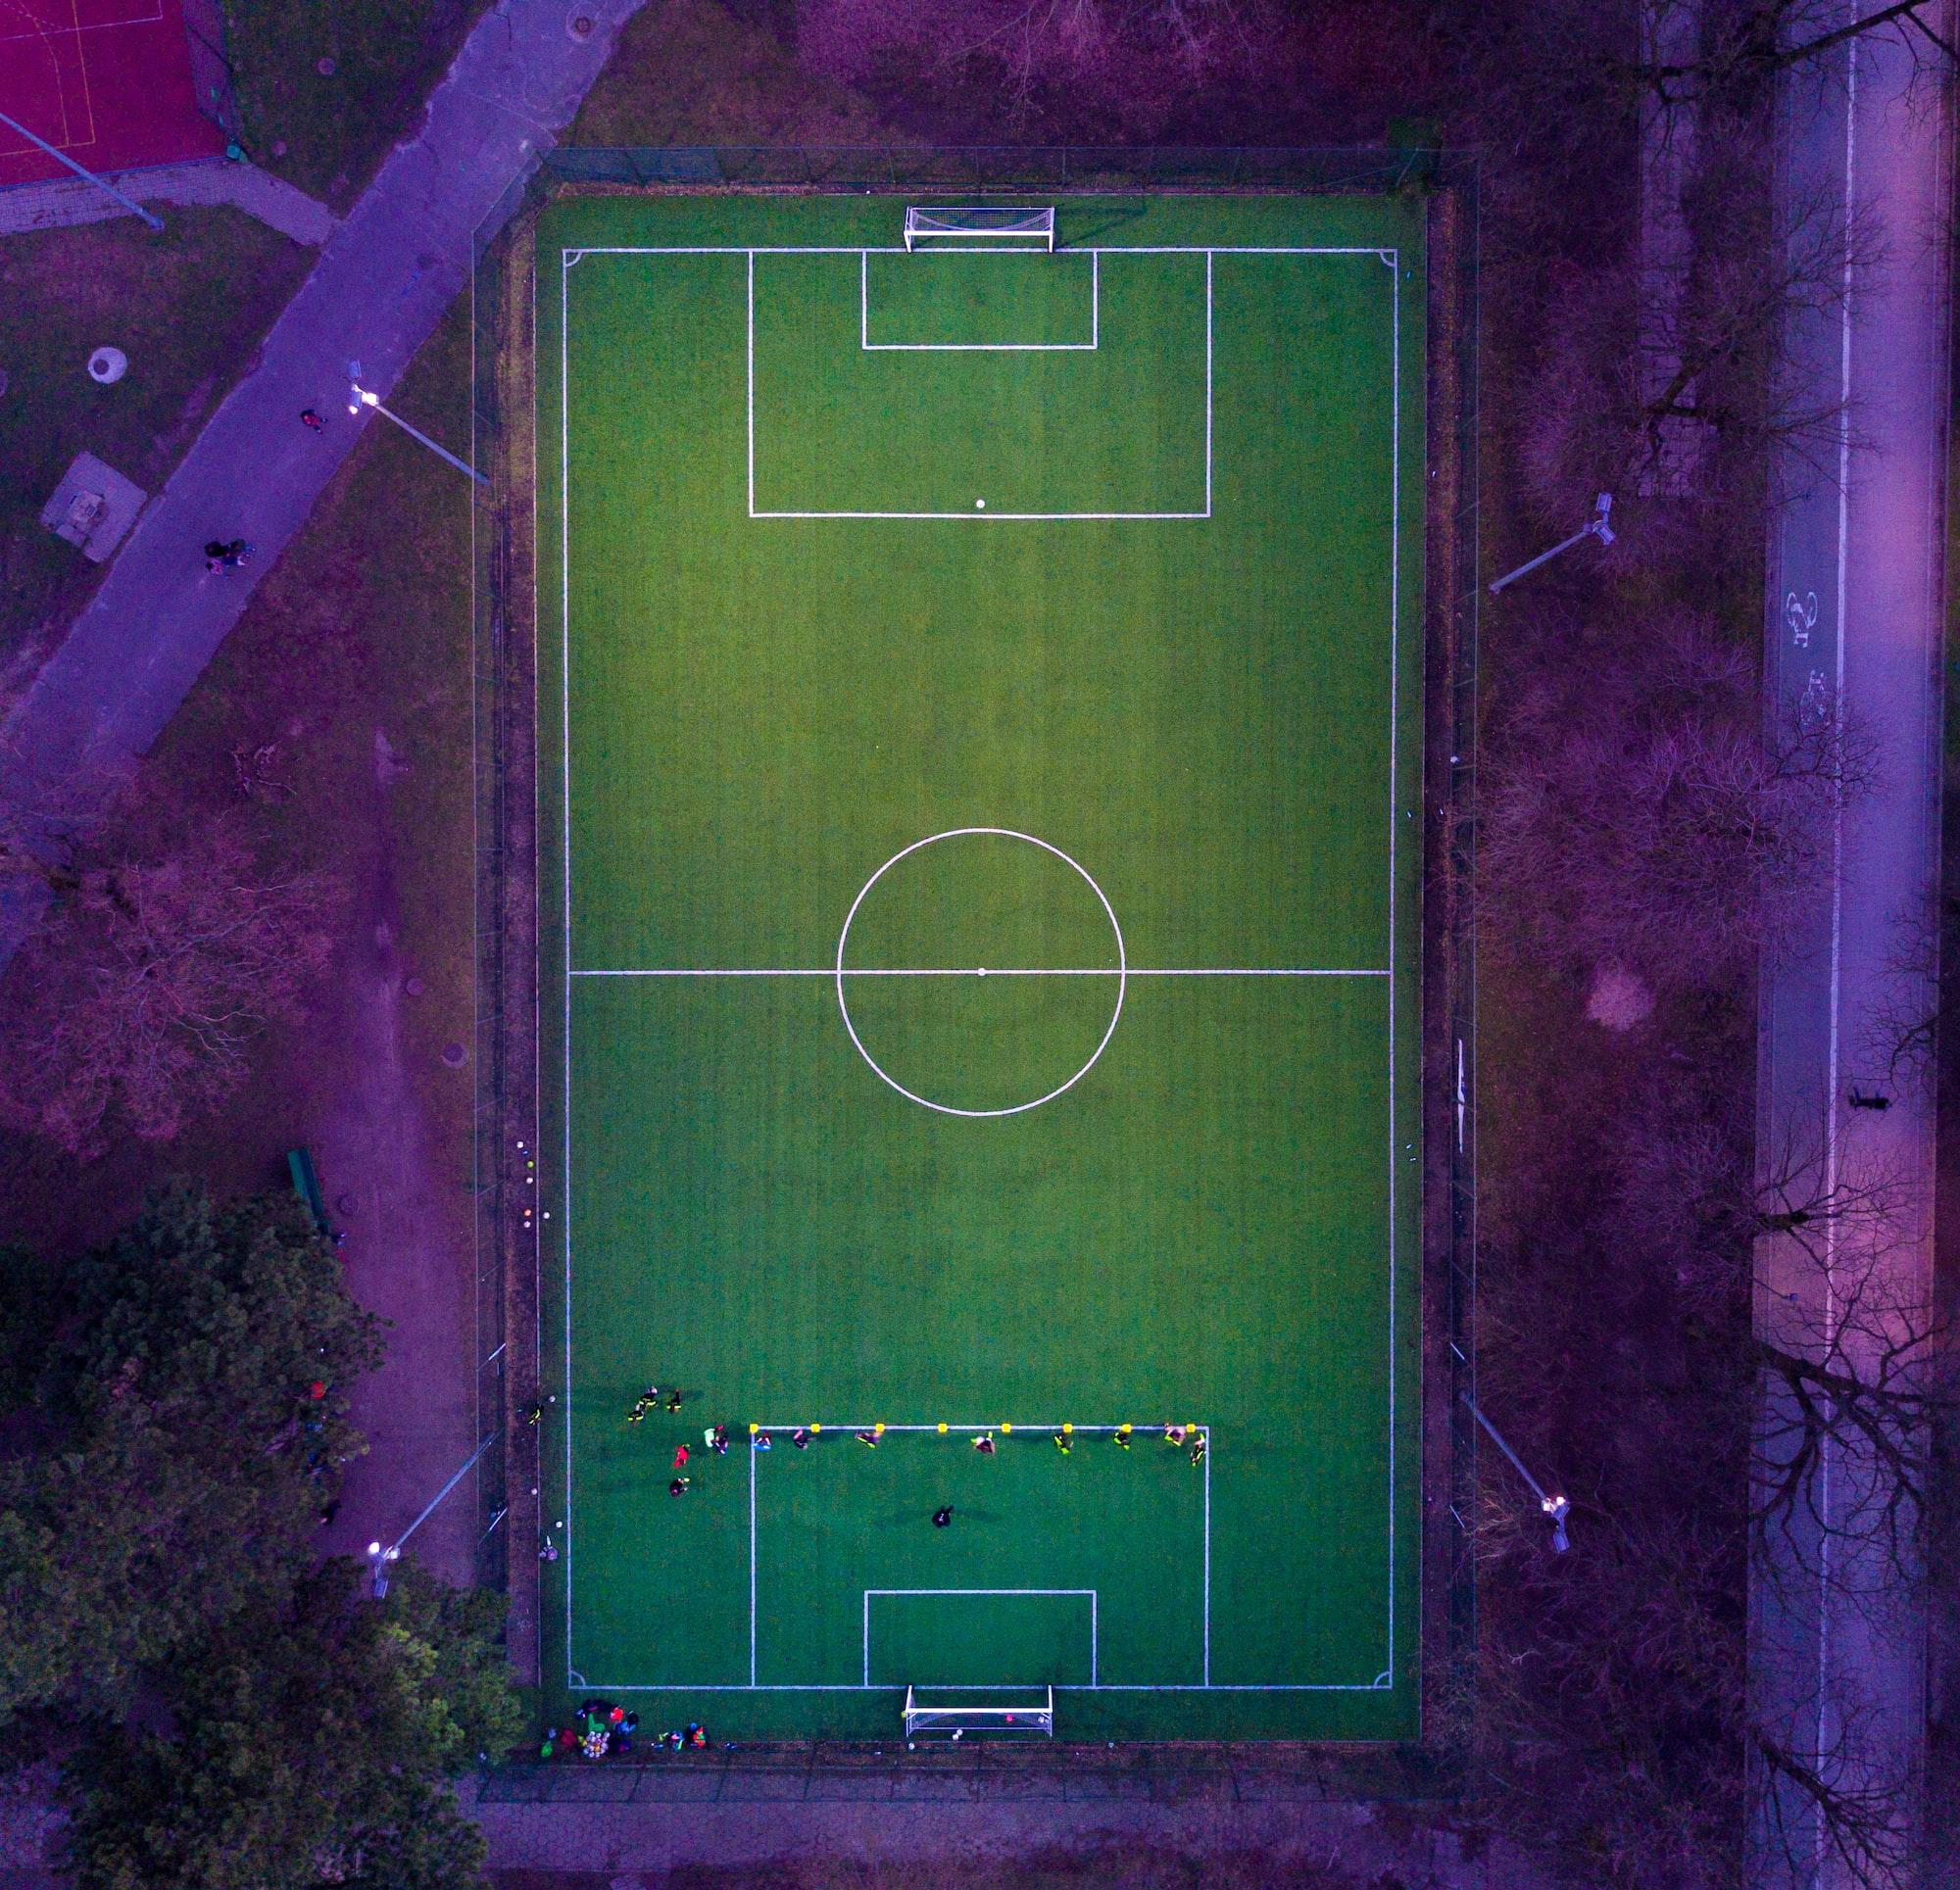 Schedina calcio misto: oggi 19/03/2021